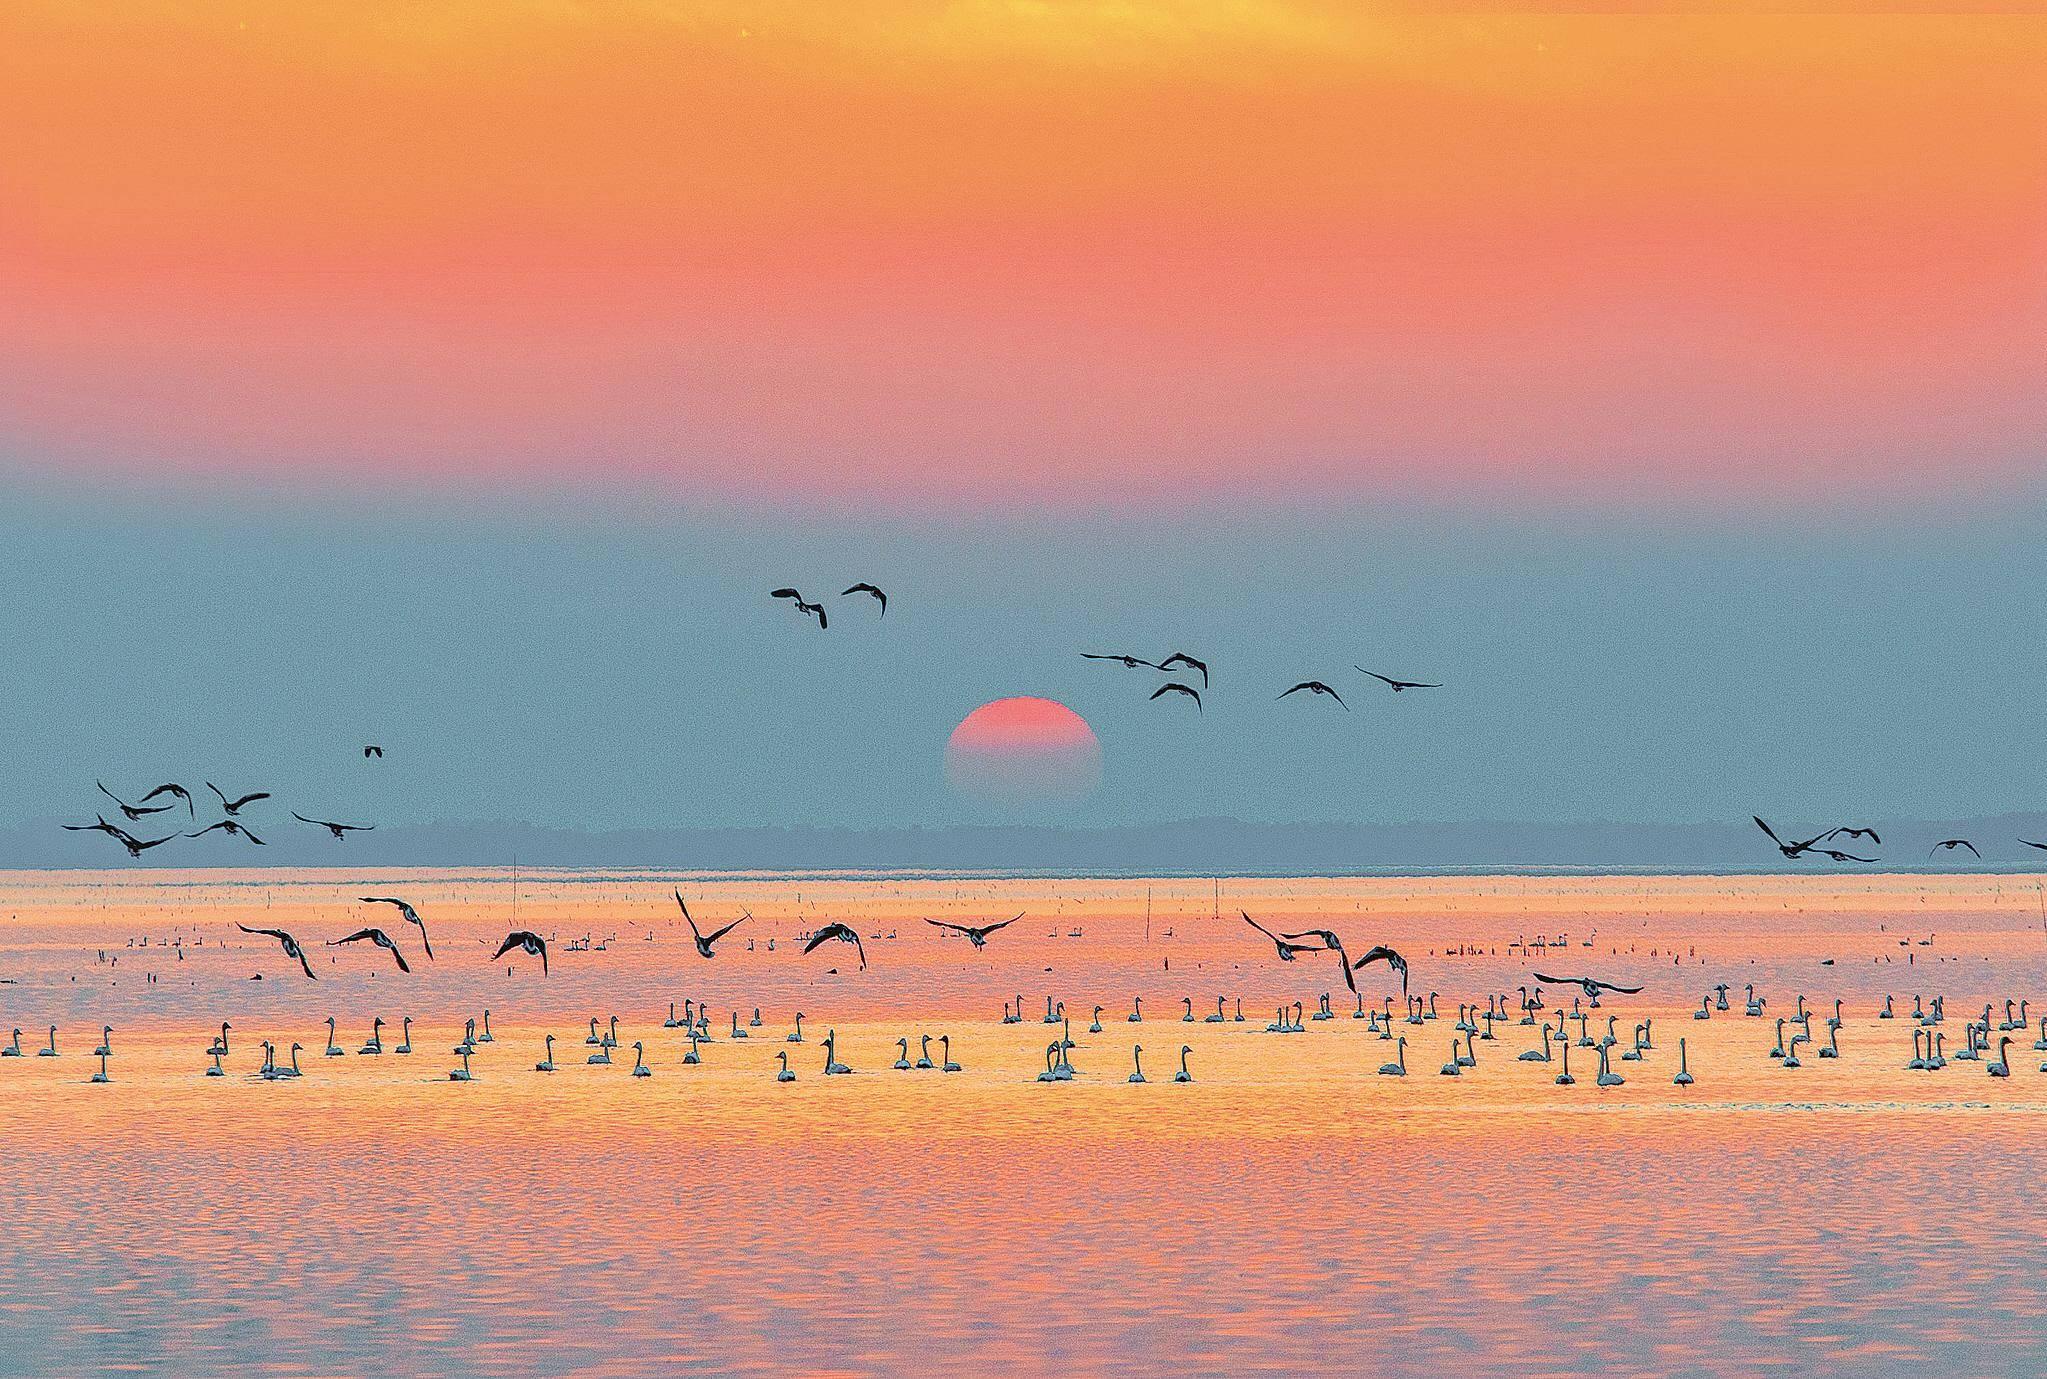 赤壁市黄盖湖:夕阳下候鸟栖息觅食